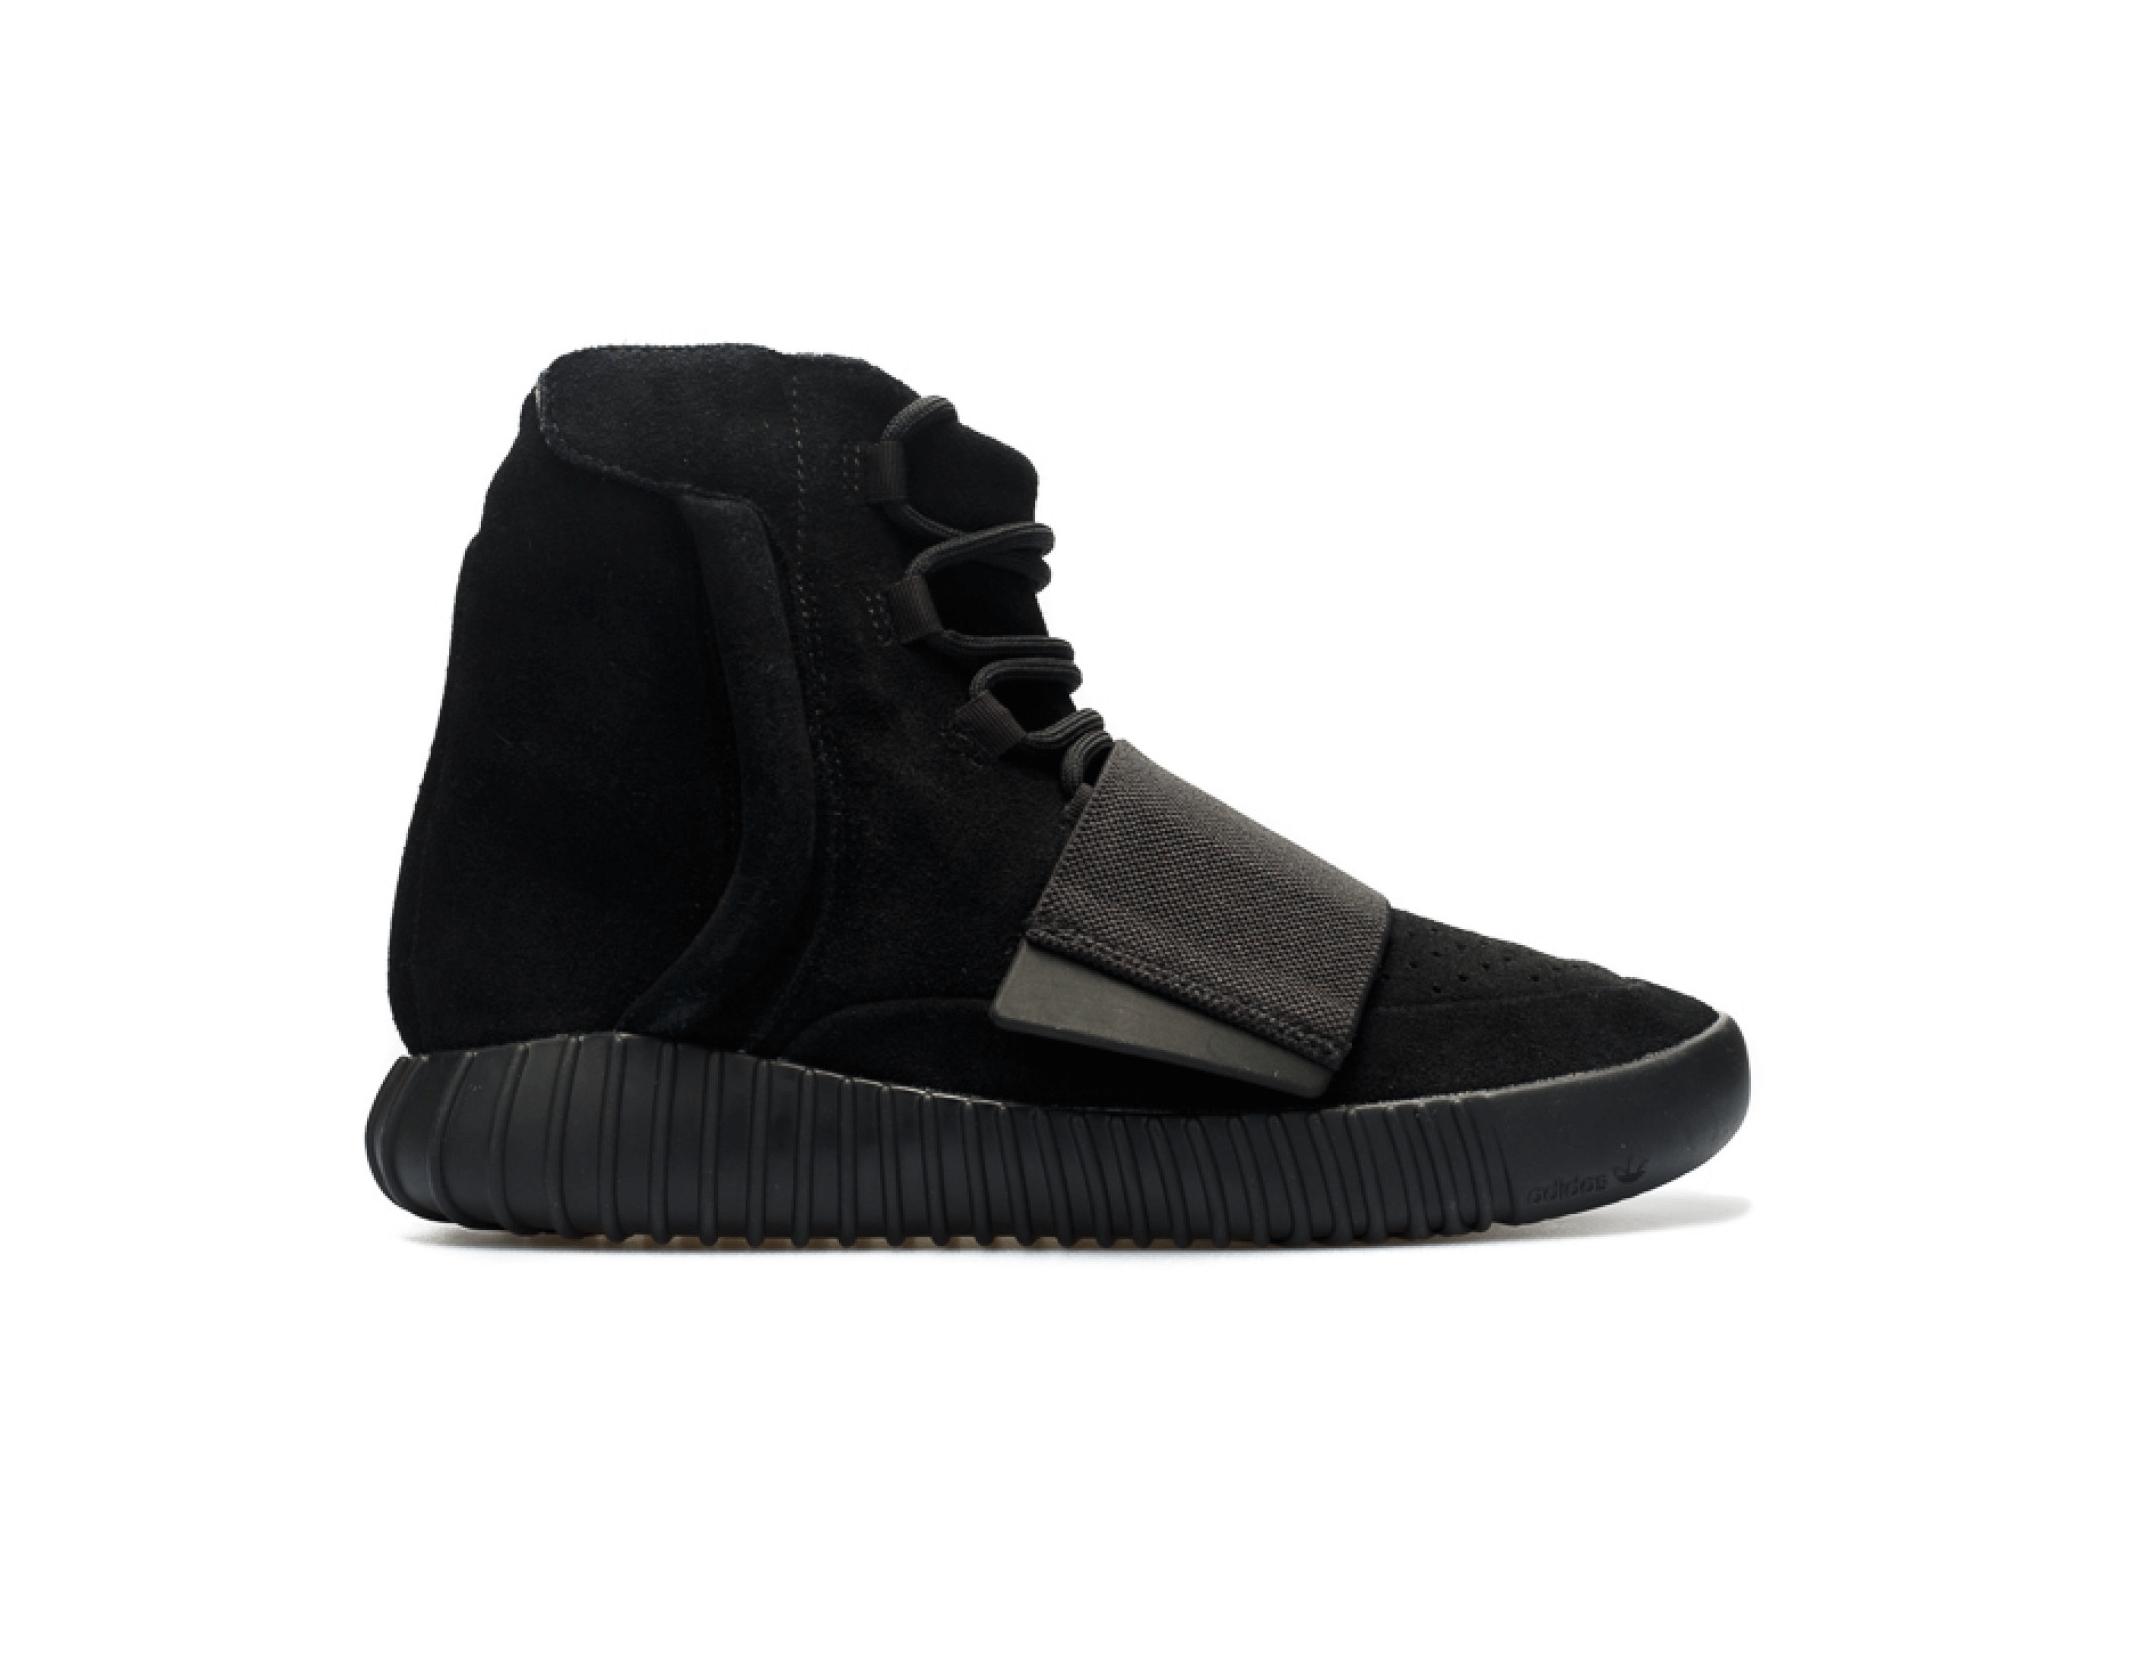 buy popular 953f0 9faa1 Adidas Yeezy Boost 750 Black